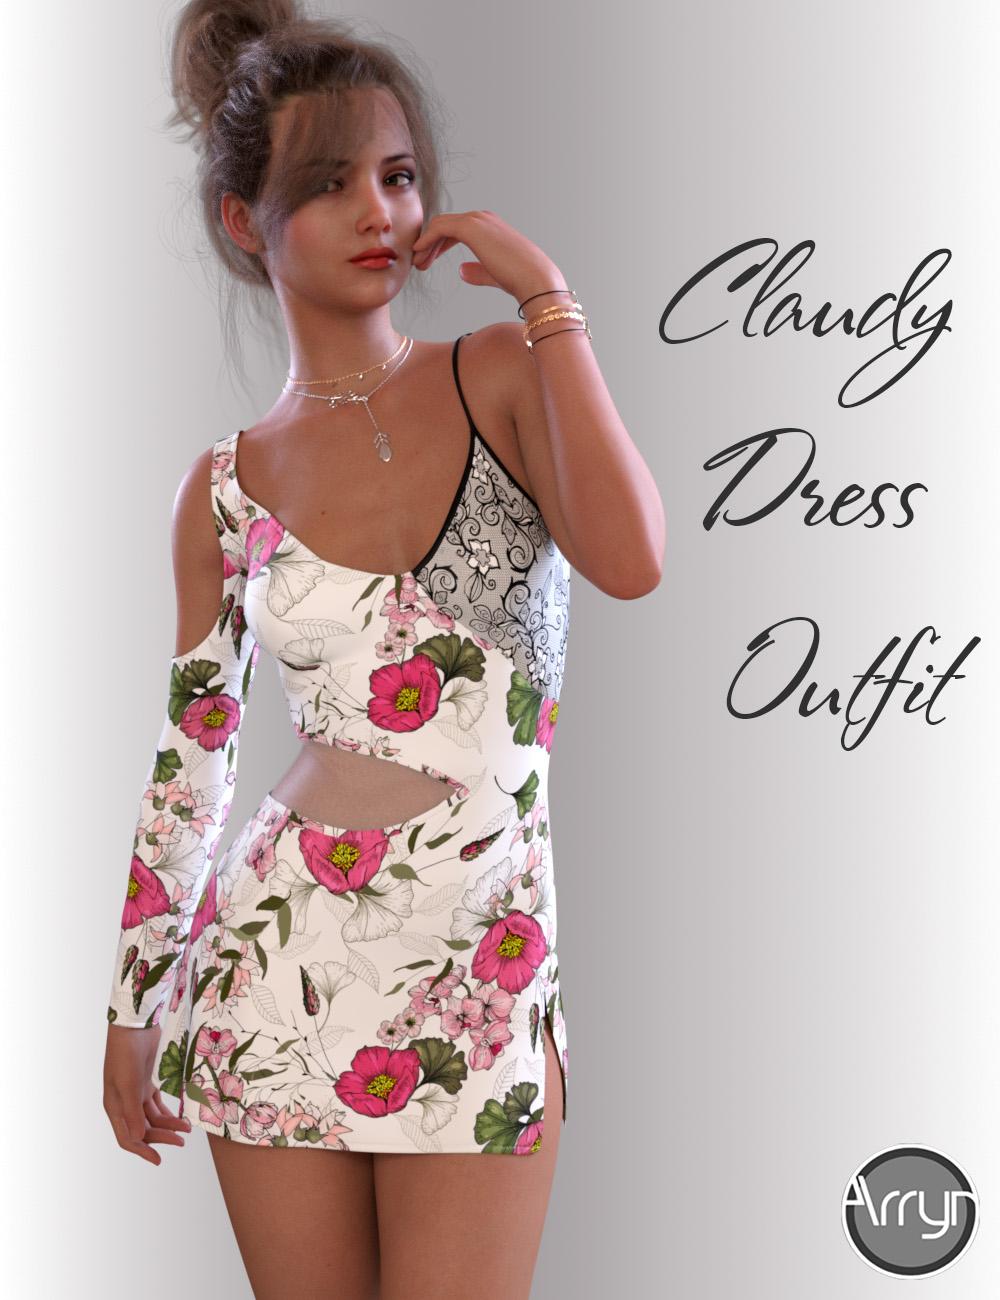 dForce Claudy Candy Dress for Genesis 8 Female(s) by: OnnelArryn, 3D Models by Daz 3D